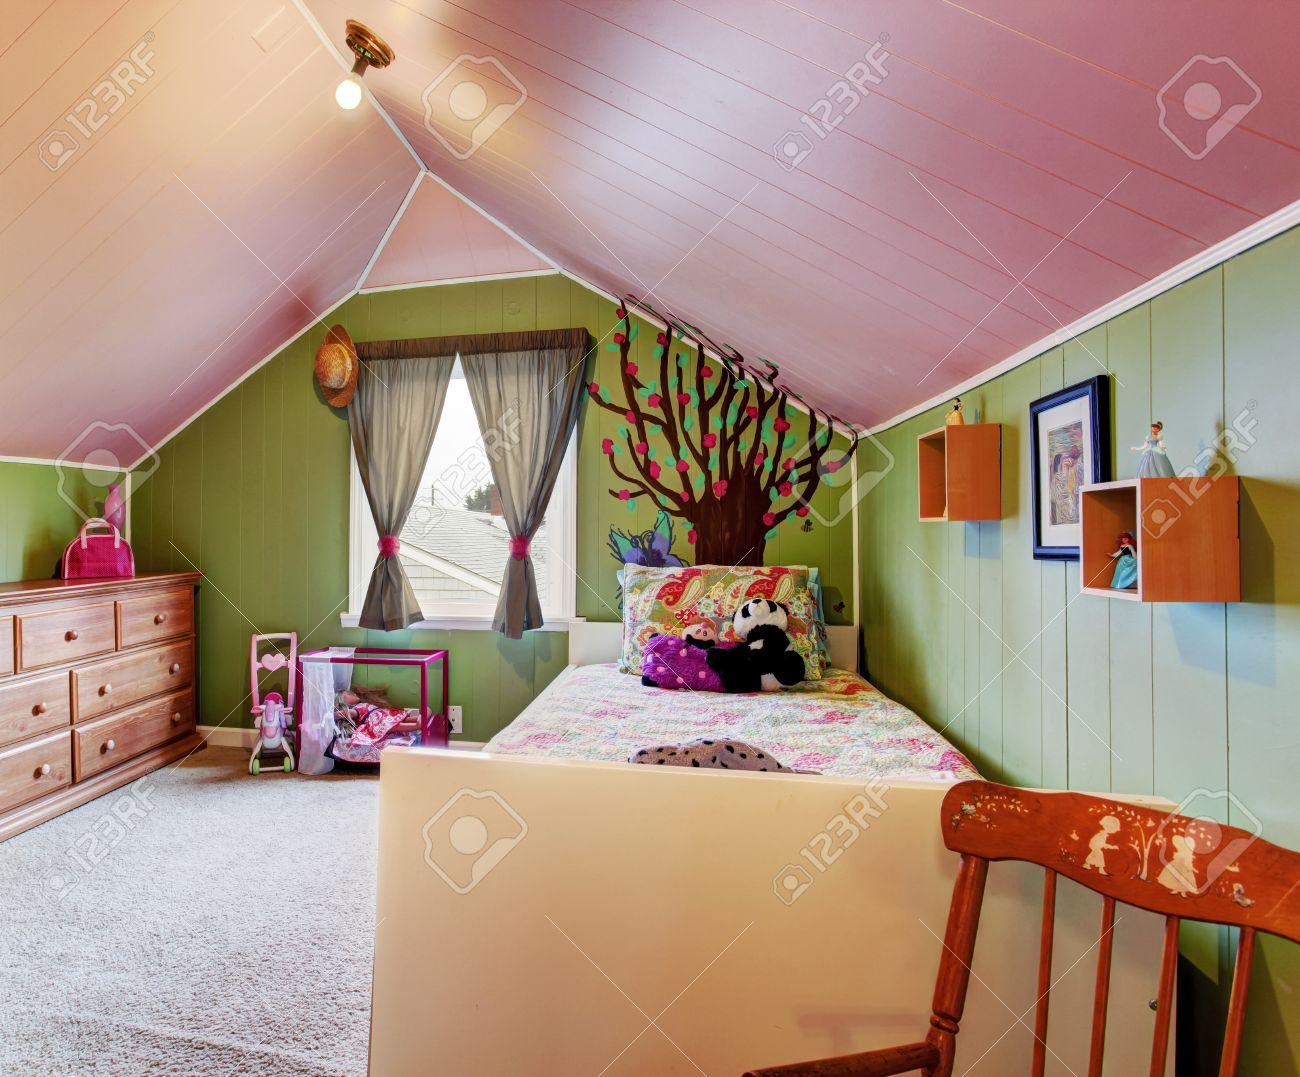 Kinderzimmer Mit Gewölbedecke Im Gegensatz Grün Und Rosa Farben.  Standard Bild   30283007